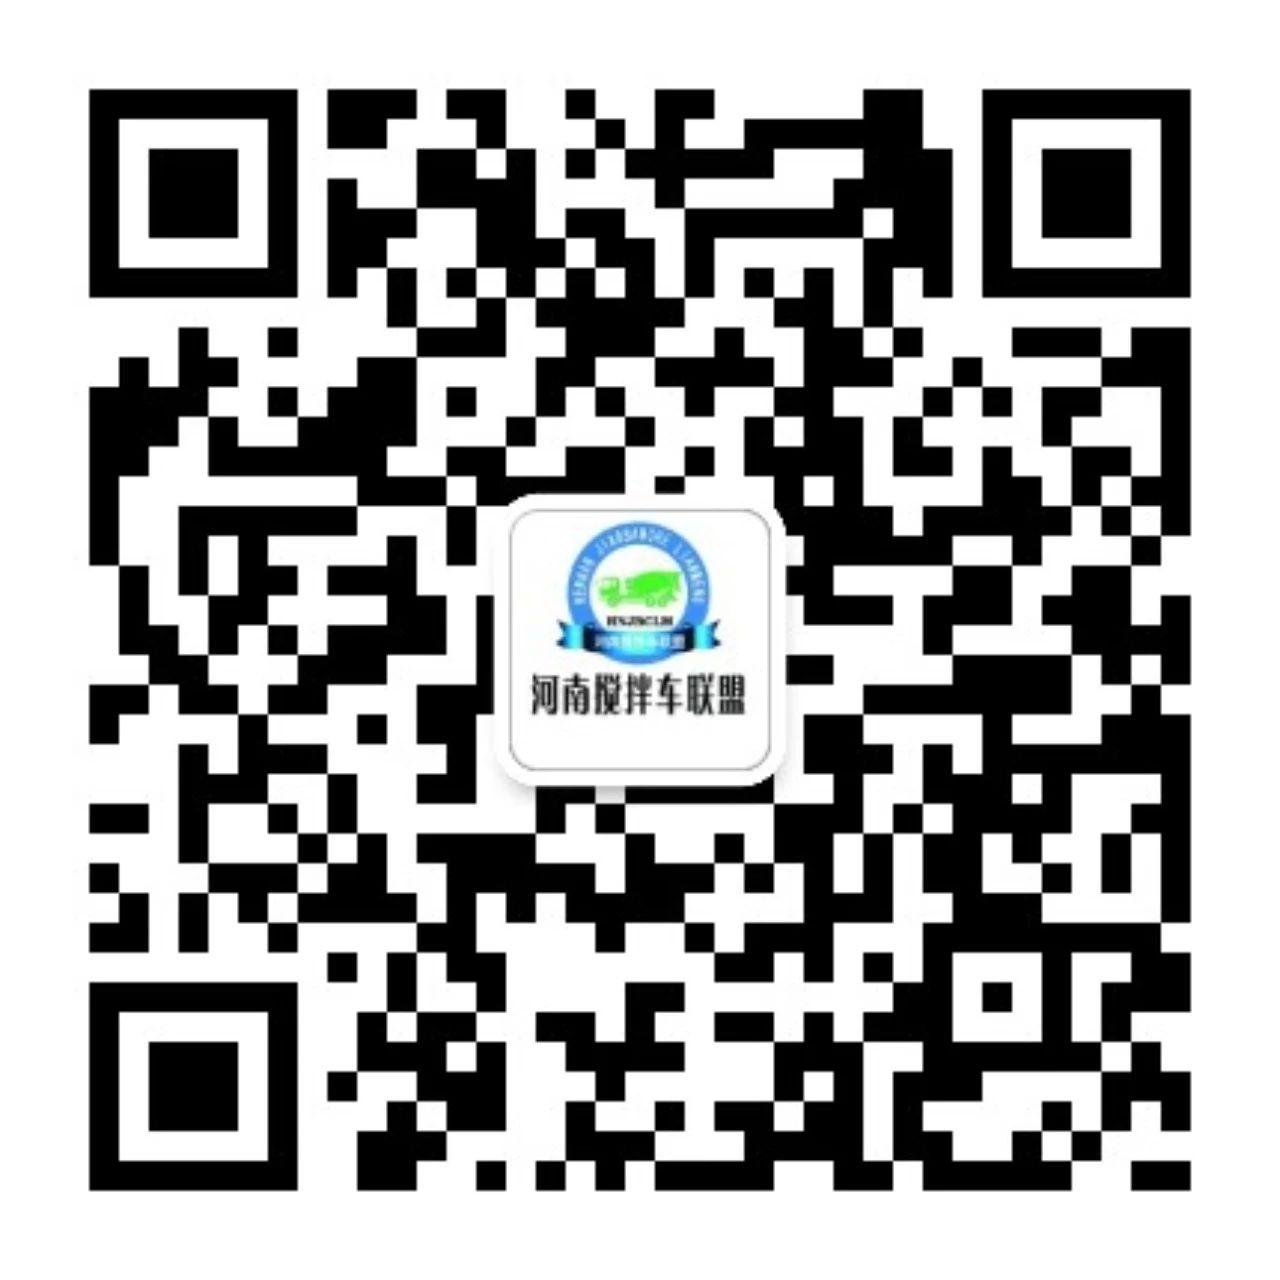 images/324/2019/06/mZ0X8BC0Bxe7891vB0H9cbZy9C47J3.jpg